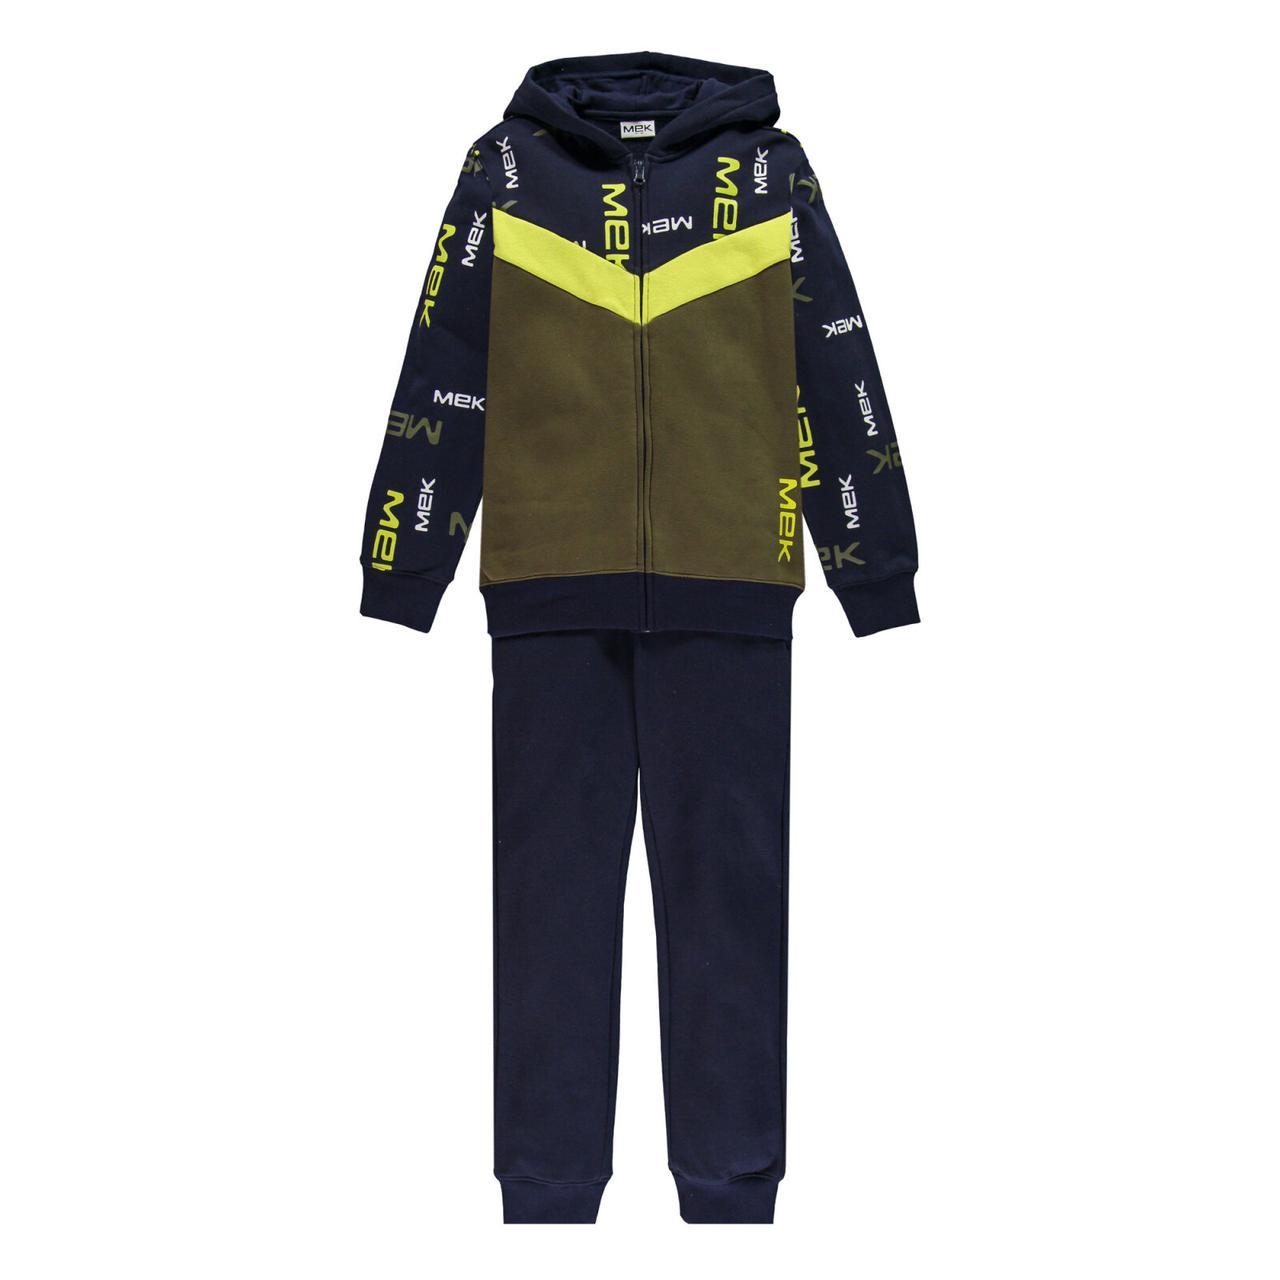 Утепленный спортивный костюм для мальчика  MEK  203MHEP003-677 синий 164